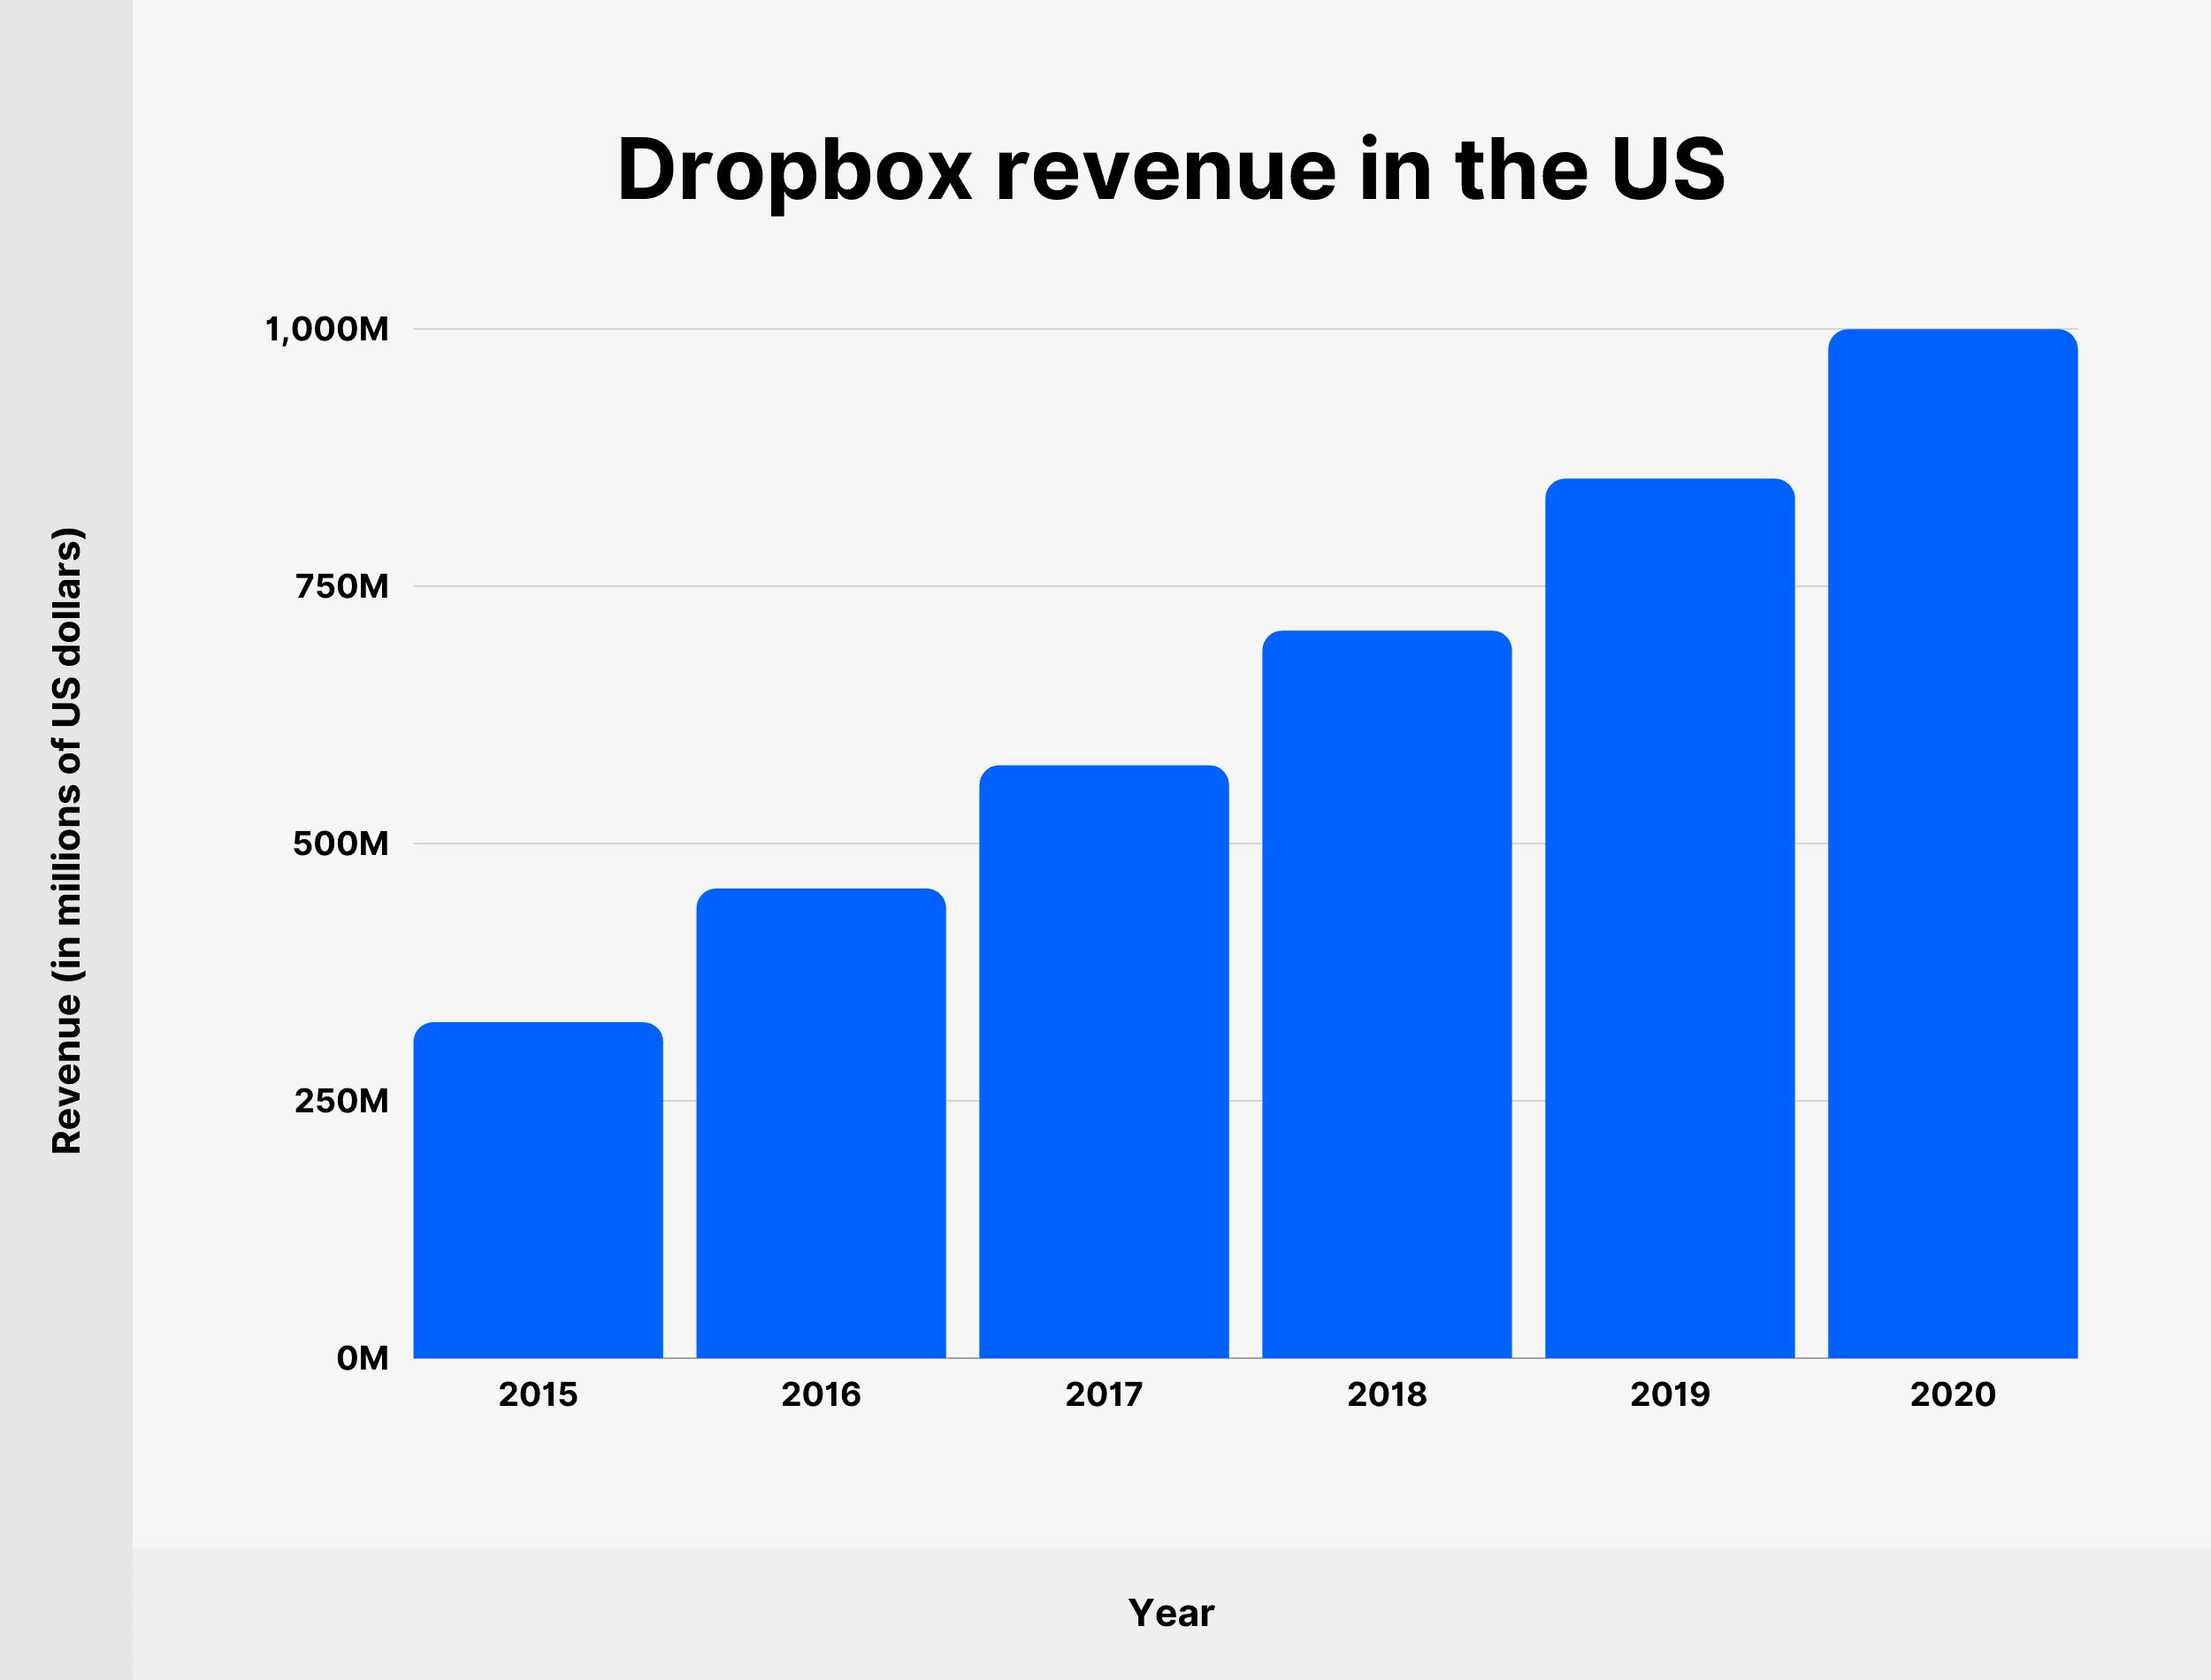 Dropbox revenue in the US